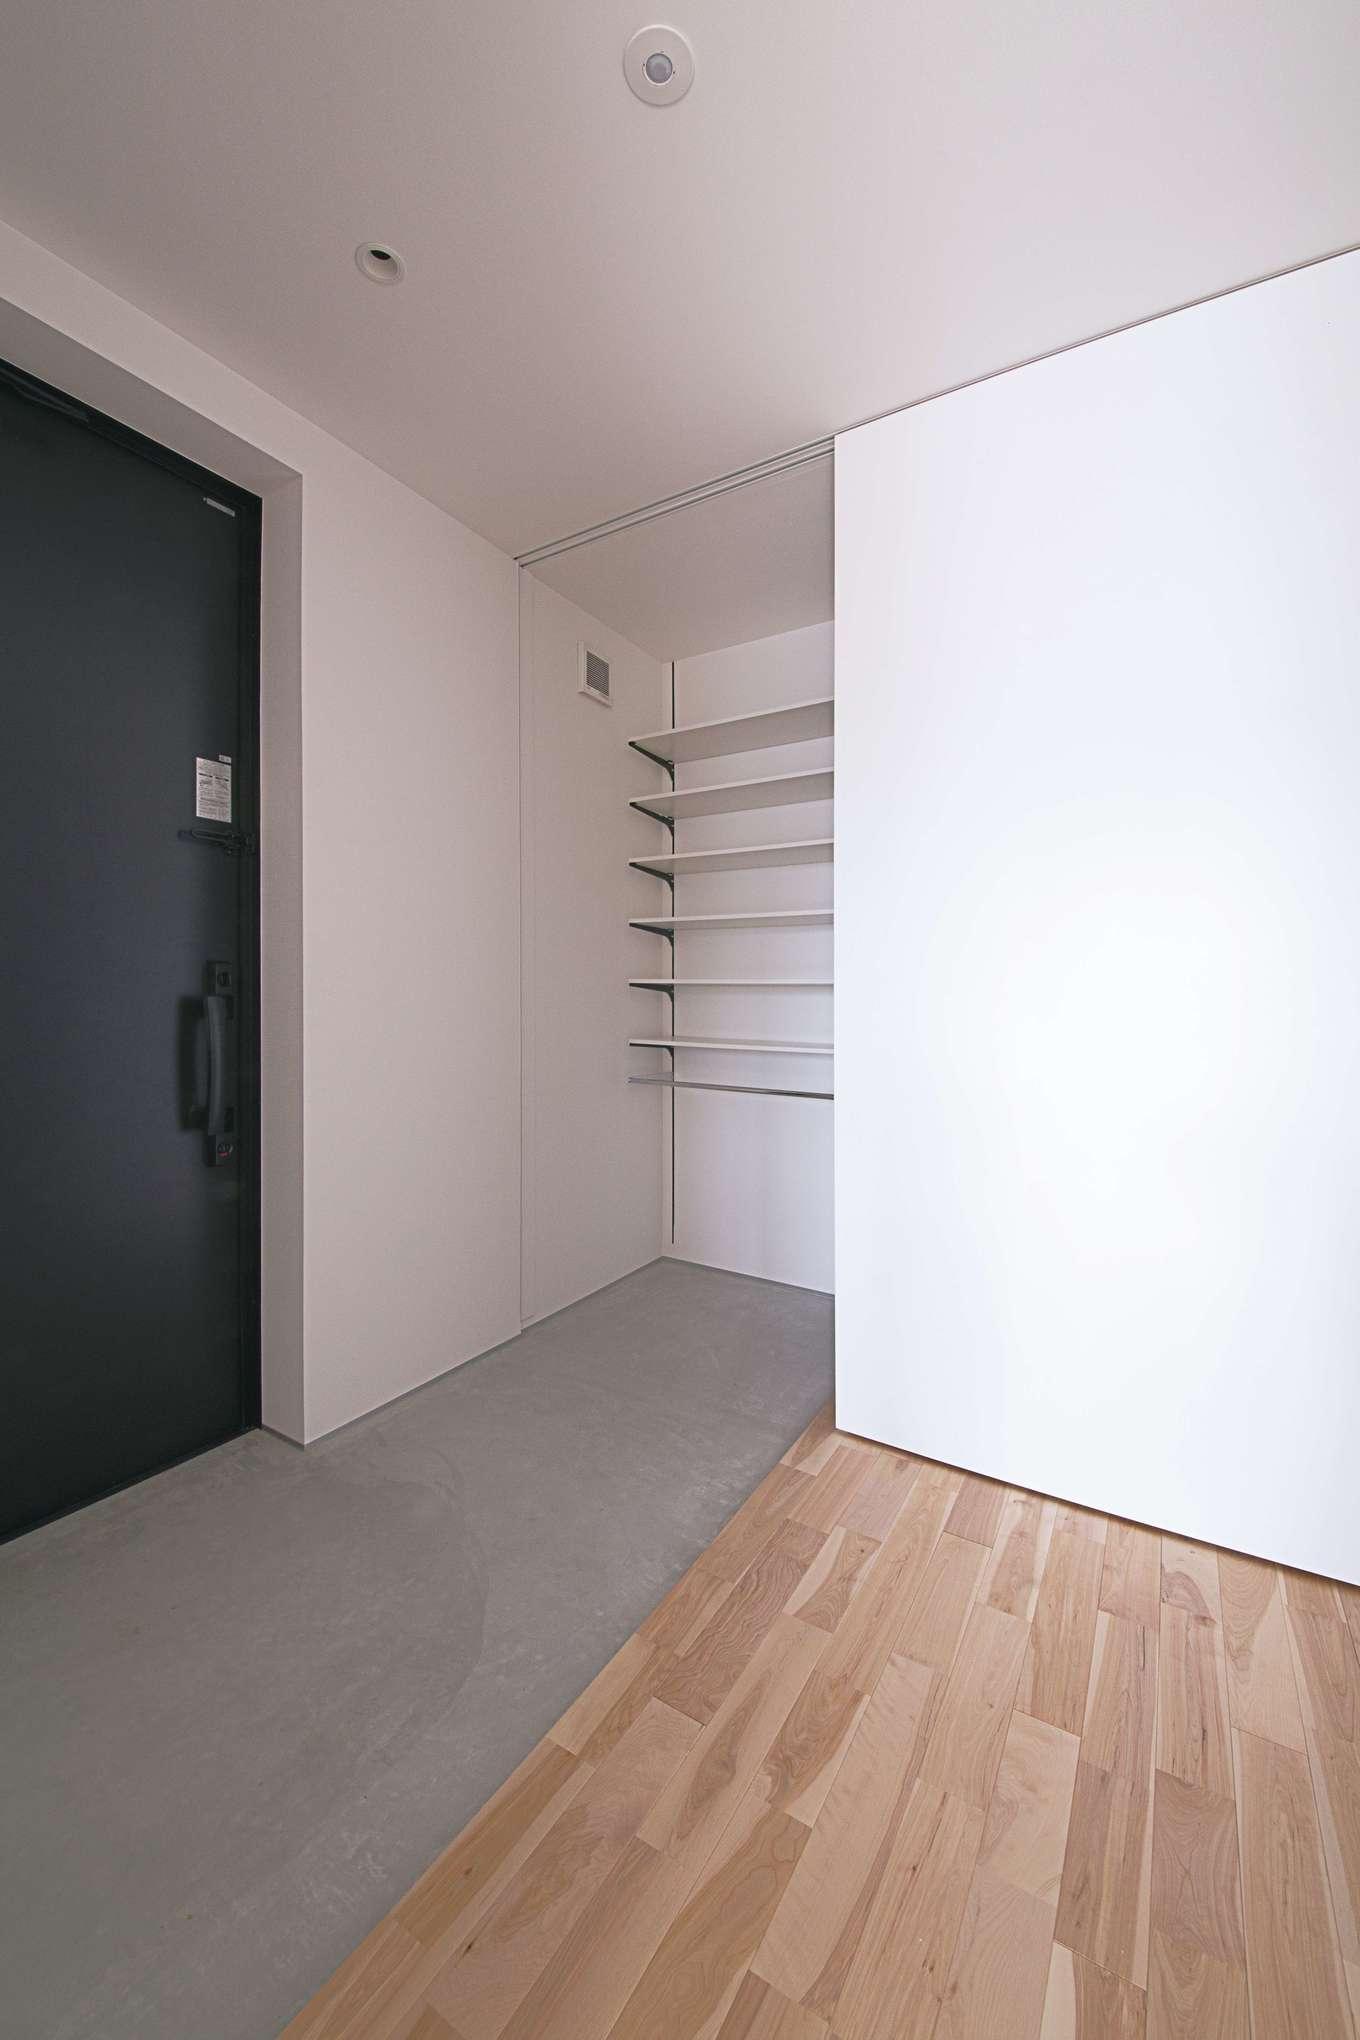 インフィルプラス【デザイン住宅、収納力、間取り】土間玄関のシューズクロークは、来客時にはハイドアで隠すことができて便利